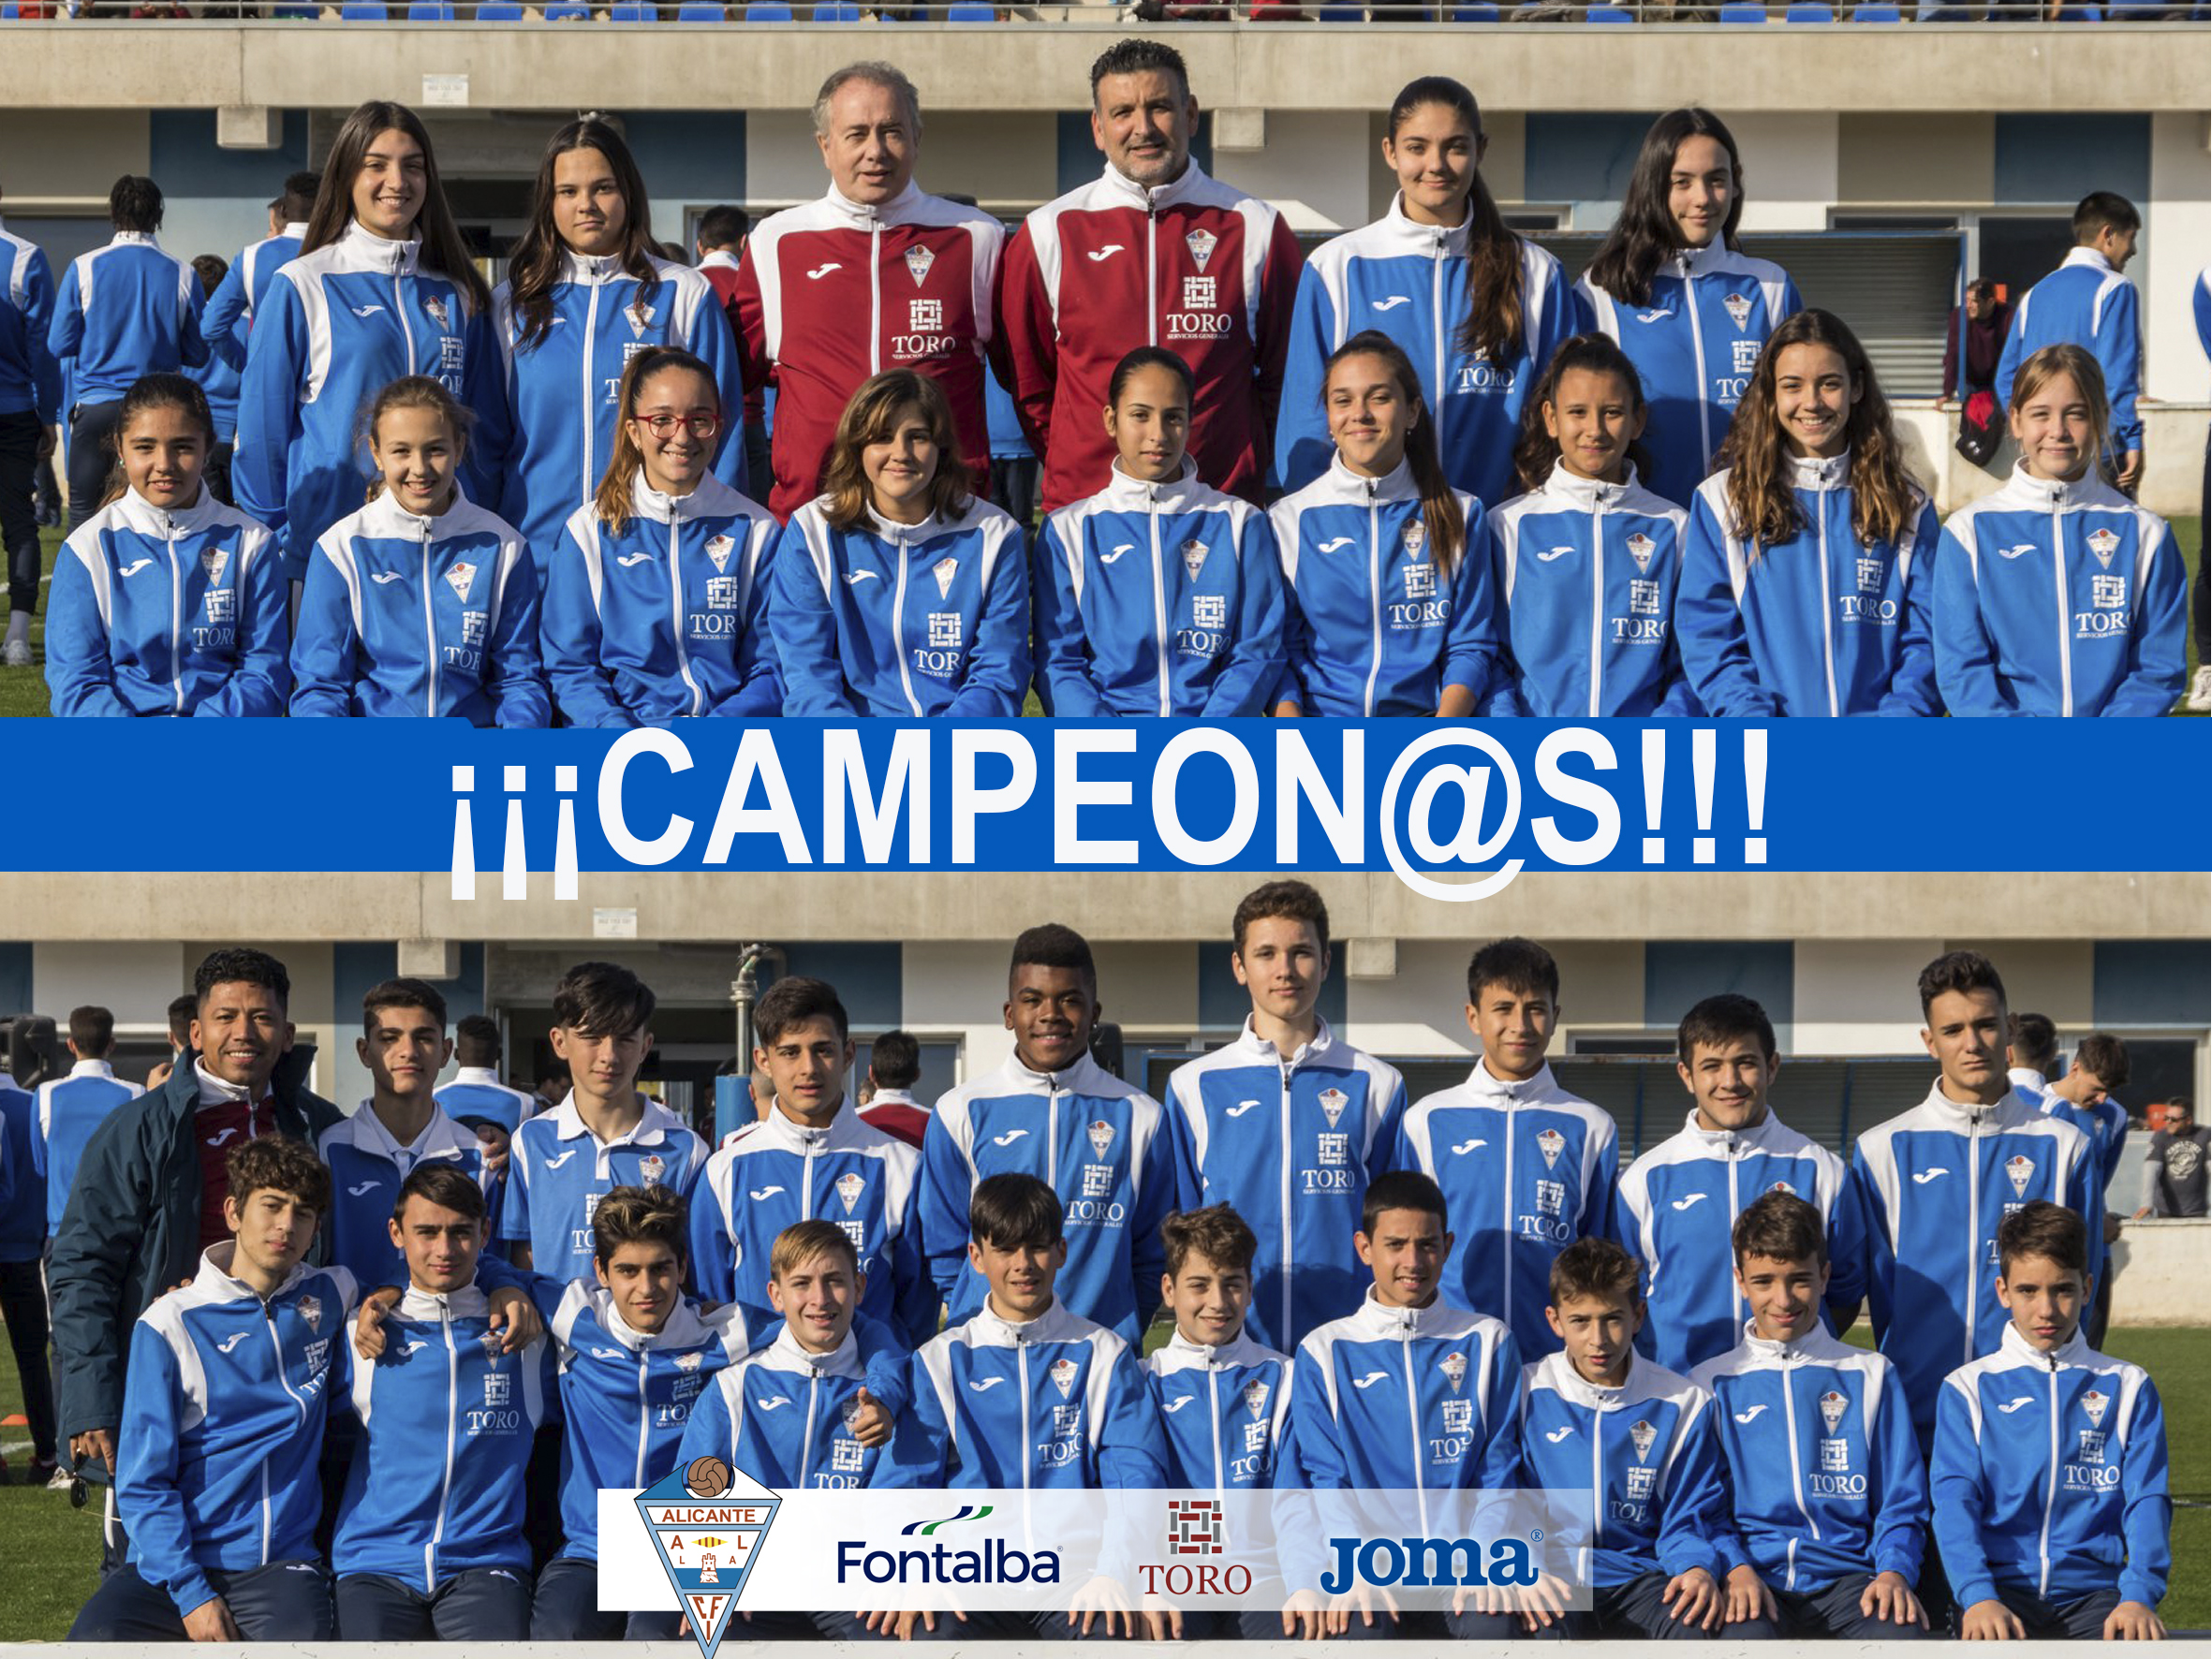 El Femenino -16 y el Cadete B ¡Campeon@s!